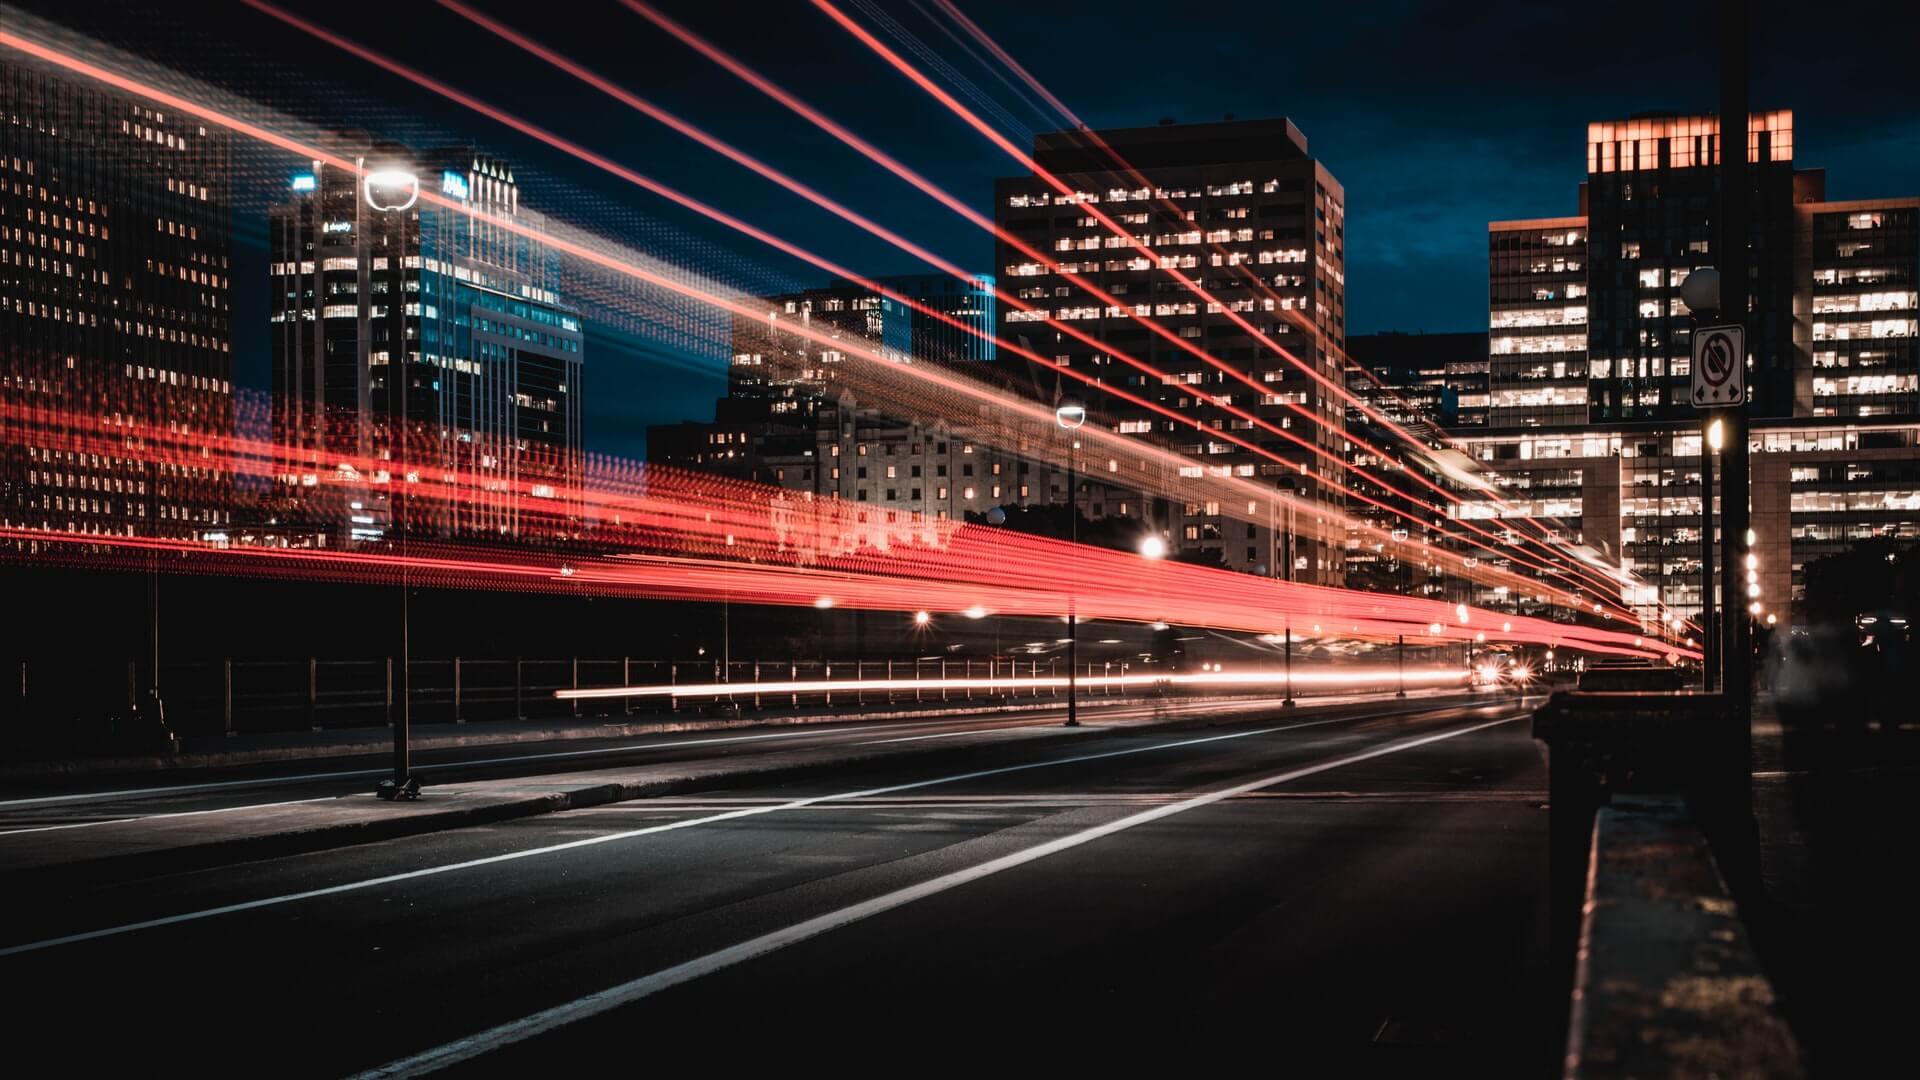 Futuristisch Streifen von Rücklichtern weisen den Weg in die Zukunft, Photo by Marc-Olivier Jodoin on Unsplash